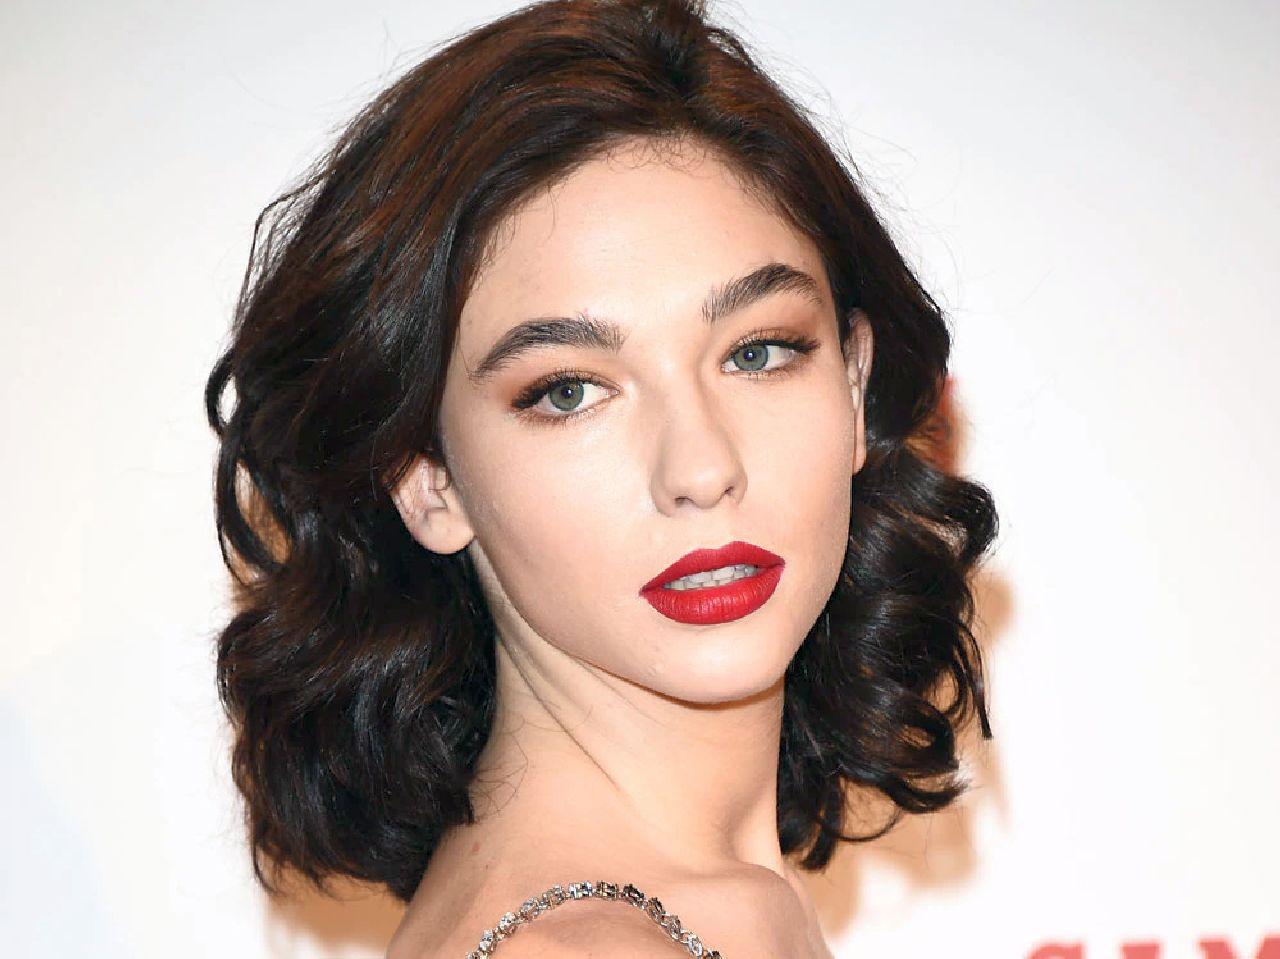 Sanremo 2021 con Matilda De Angelis: tutto sulla bellissima attrice sul palco del Festival